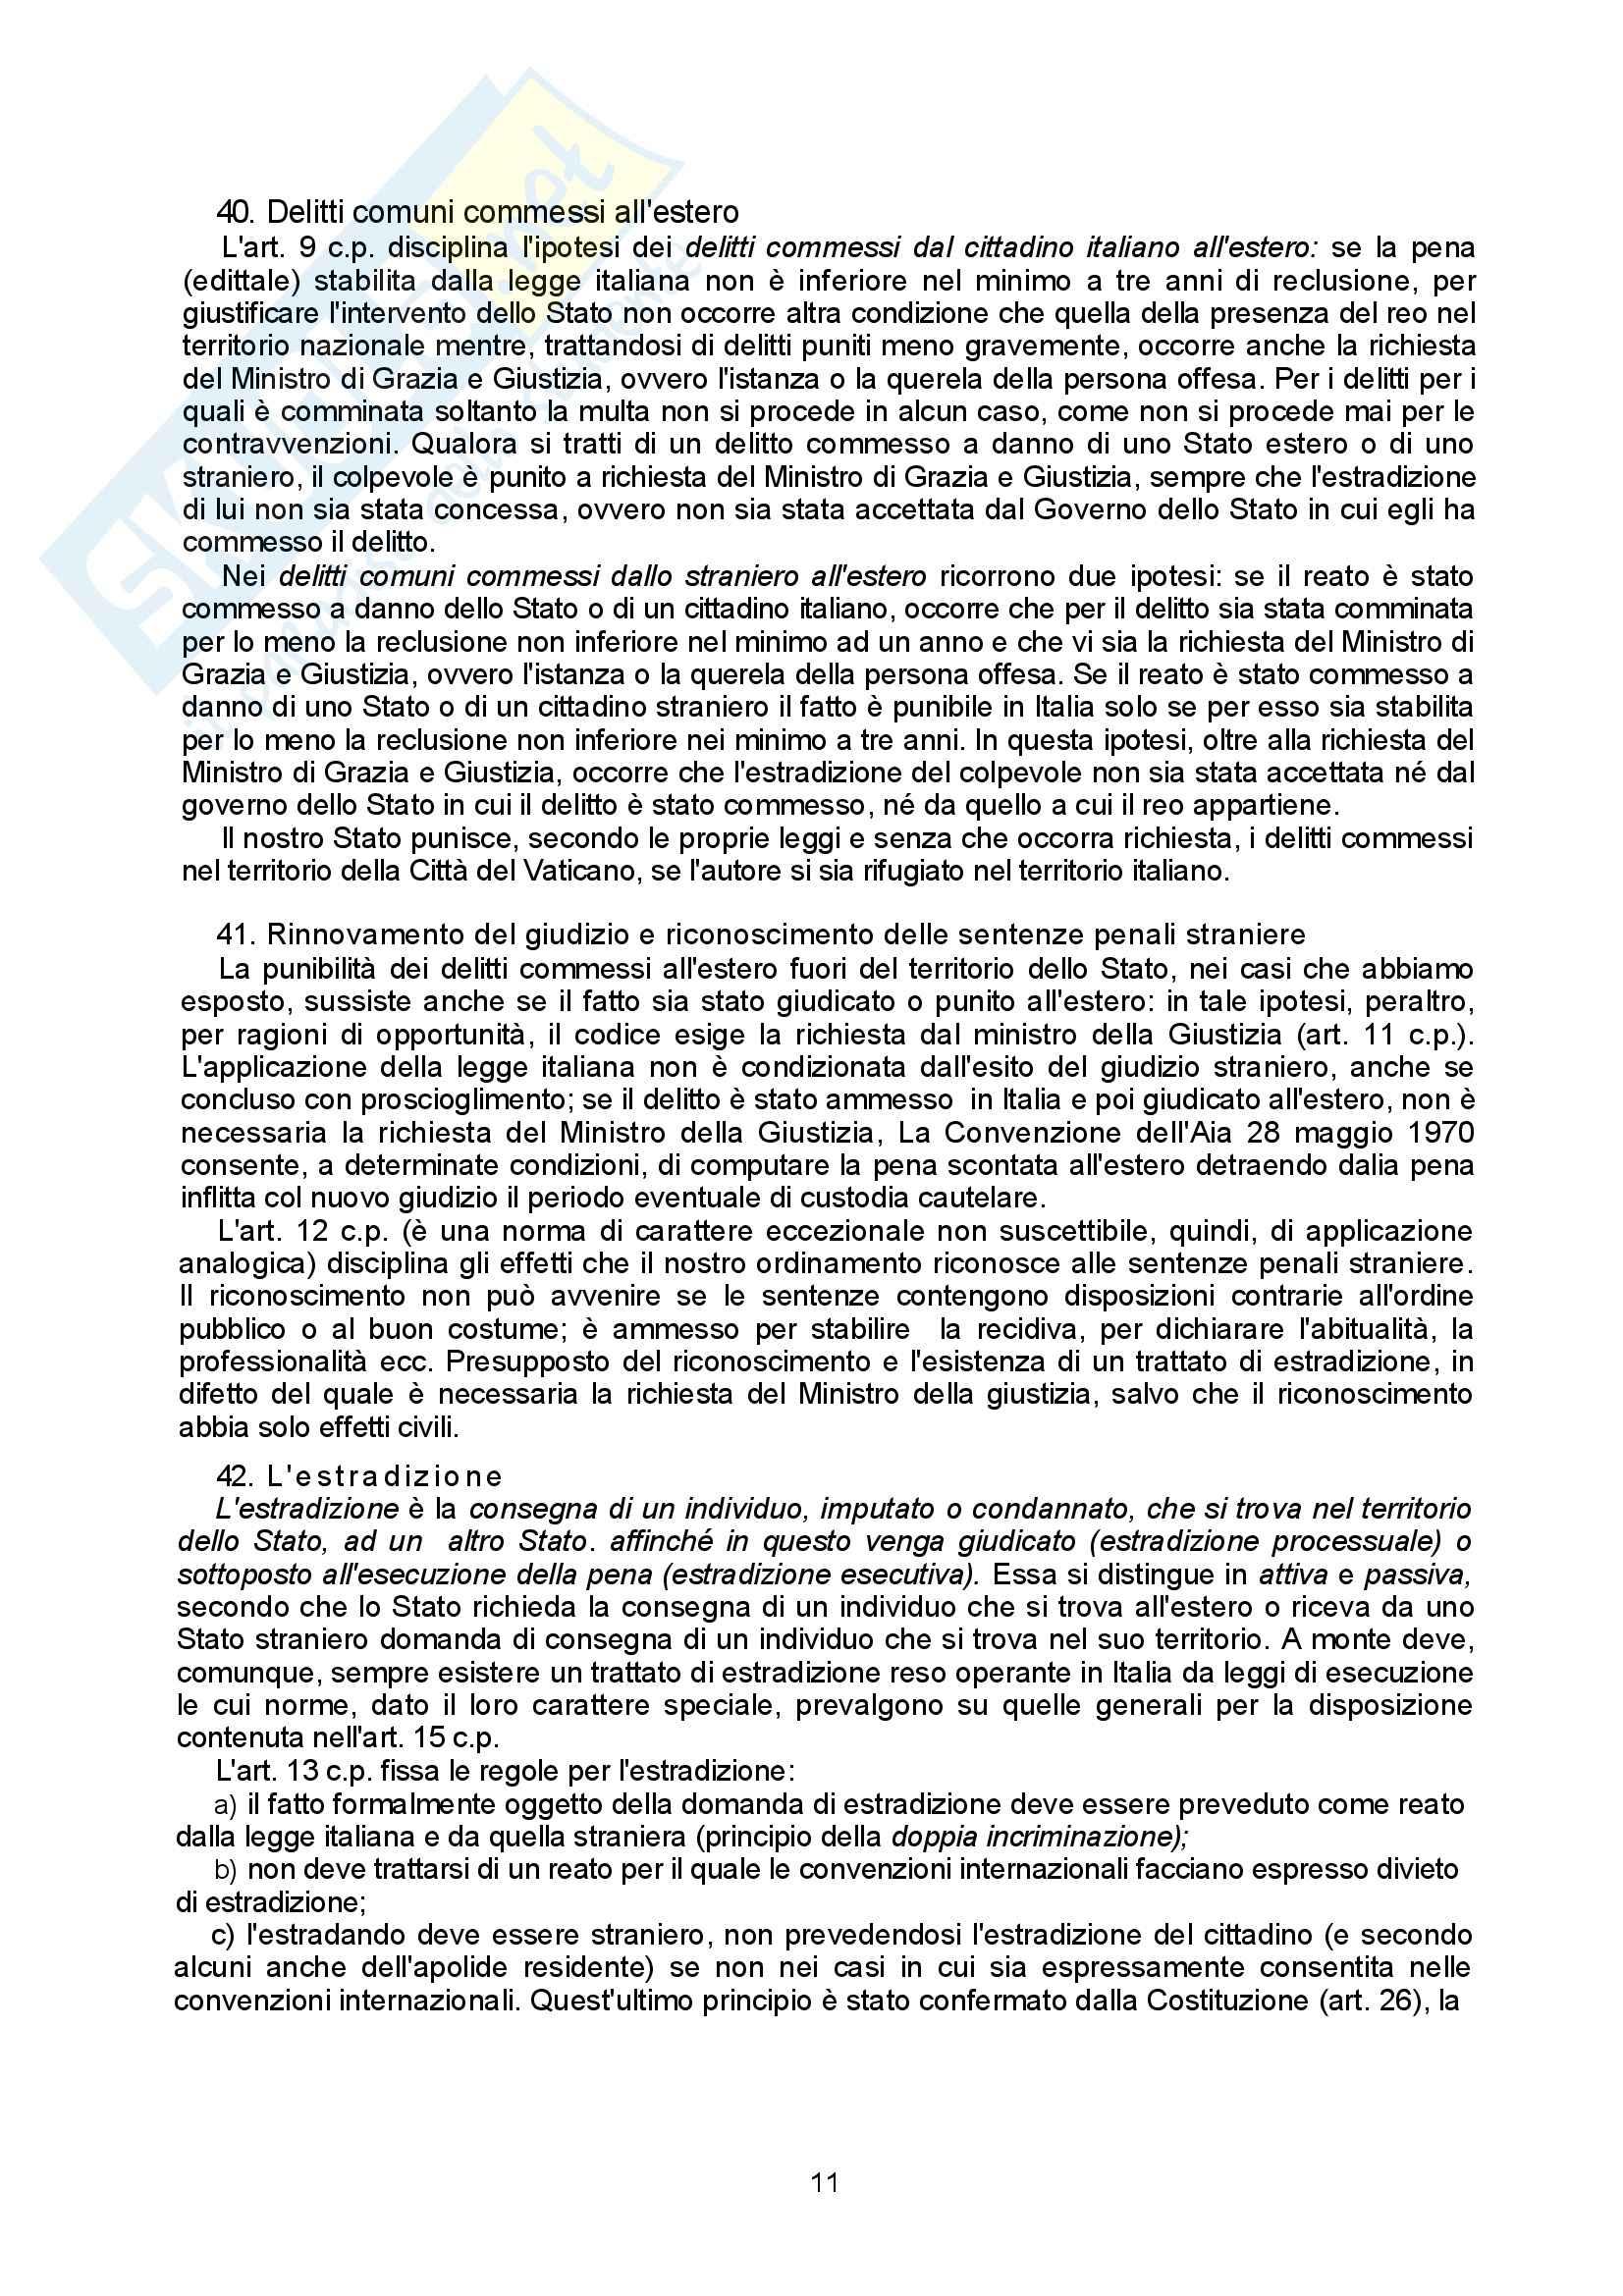 Diritto penale - Appunti Pag. 11